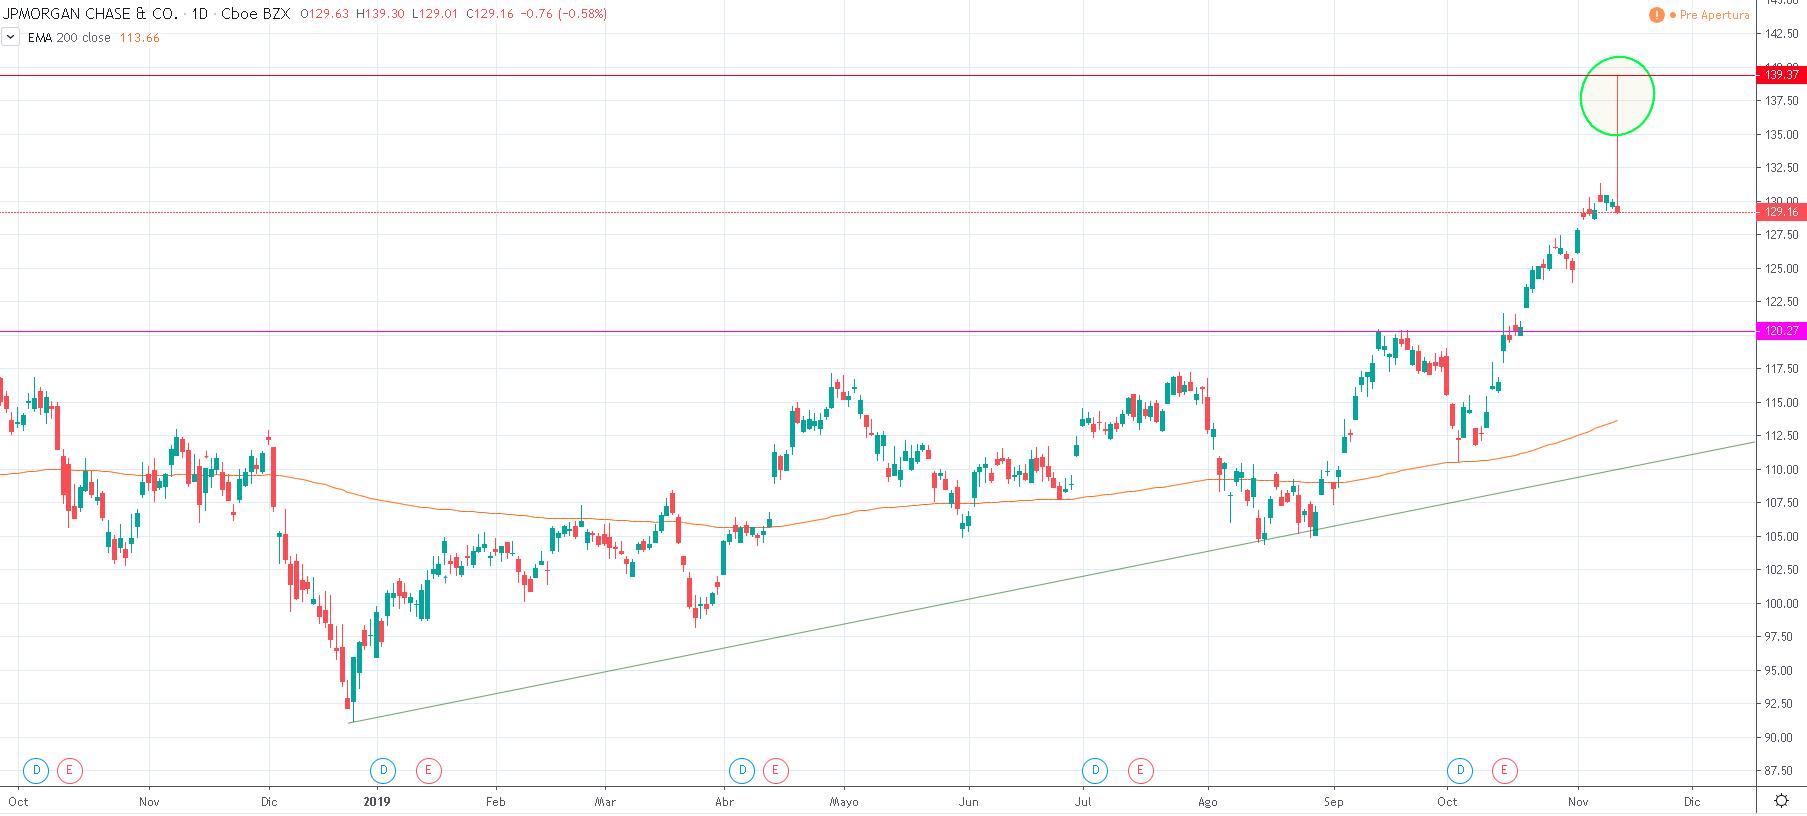 Cotización de la acción de JPM.